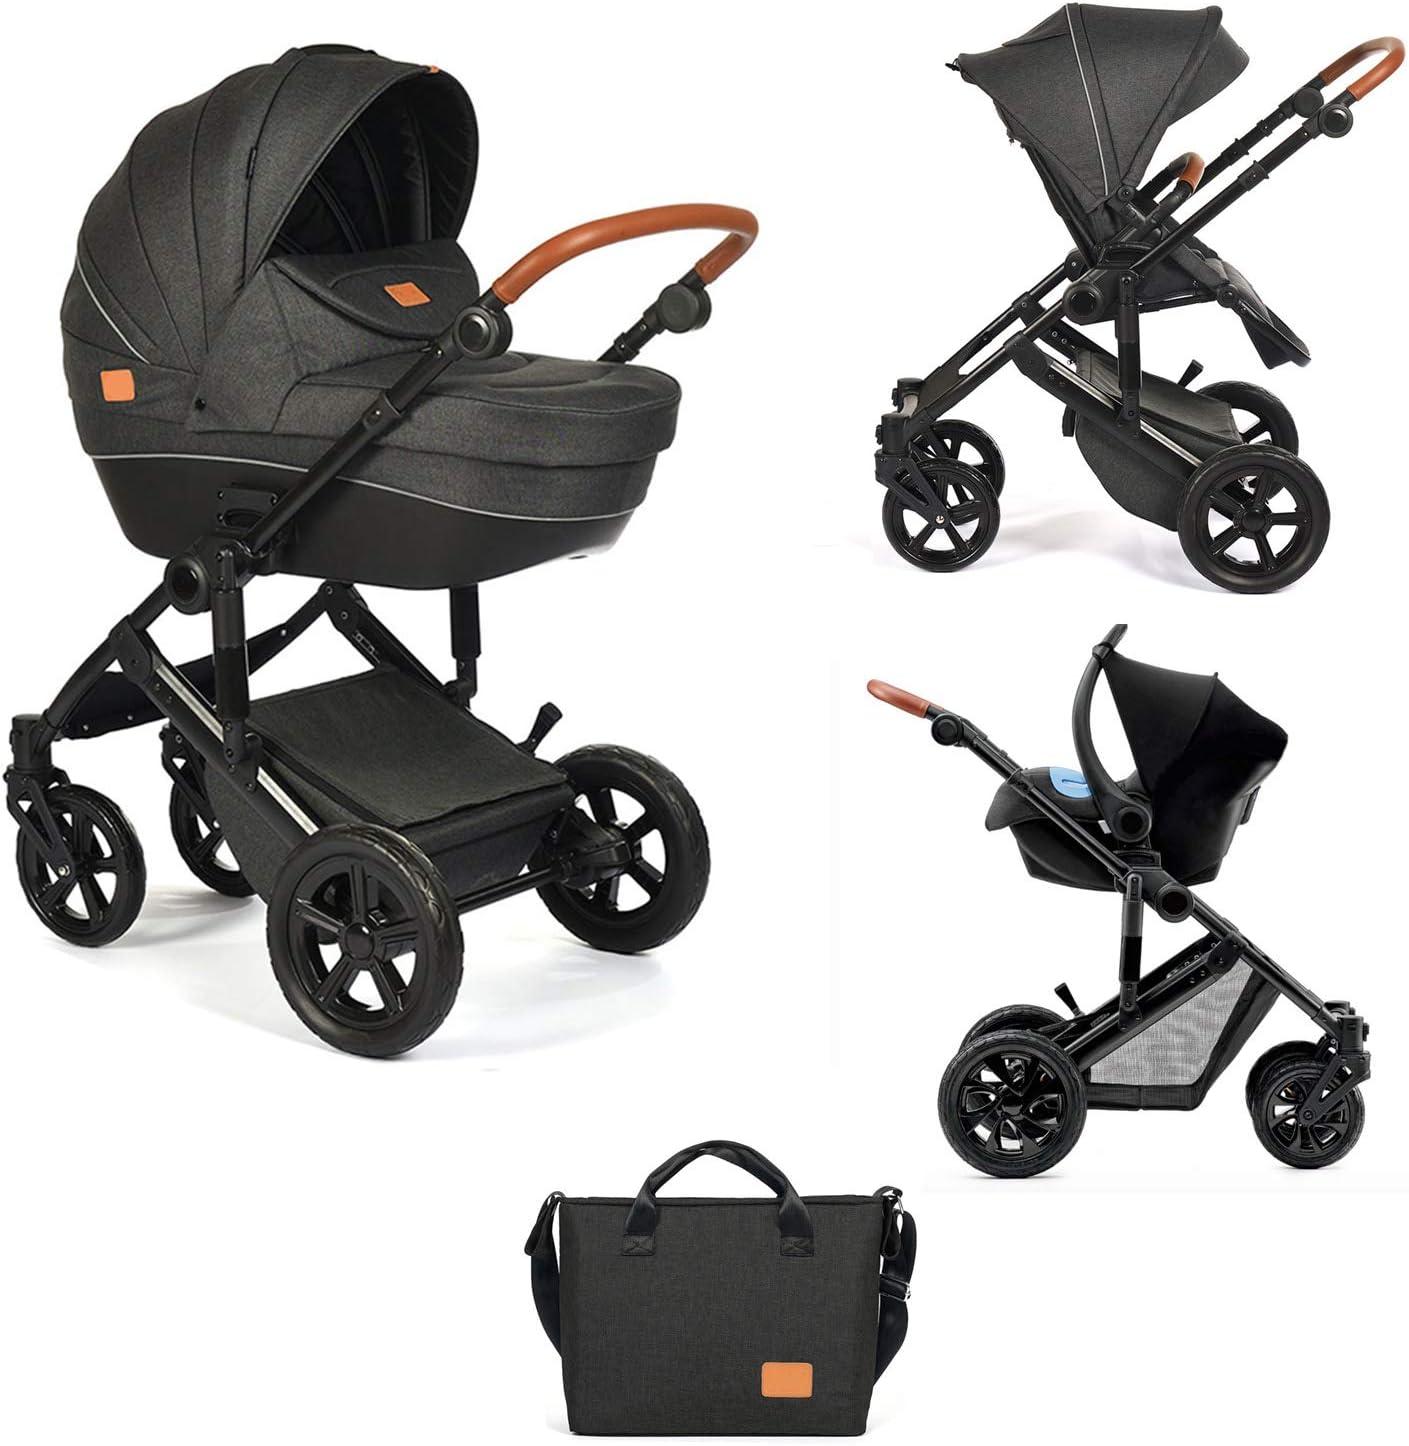 Ibaby One - Cochecito de bebe 3 en 1 - Capazo, Silla, Grupo 0 Plus y Bolso Cambiador - Silla de Paseo homologada 22 Kg